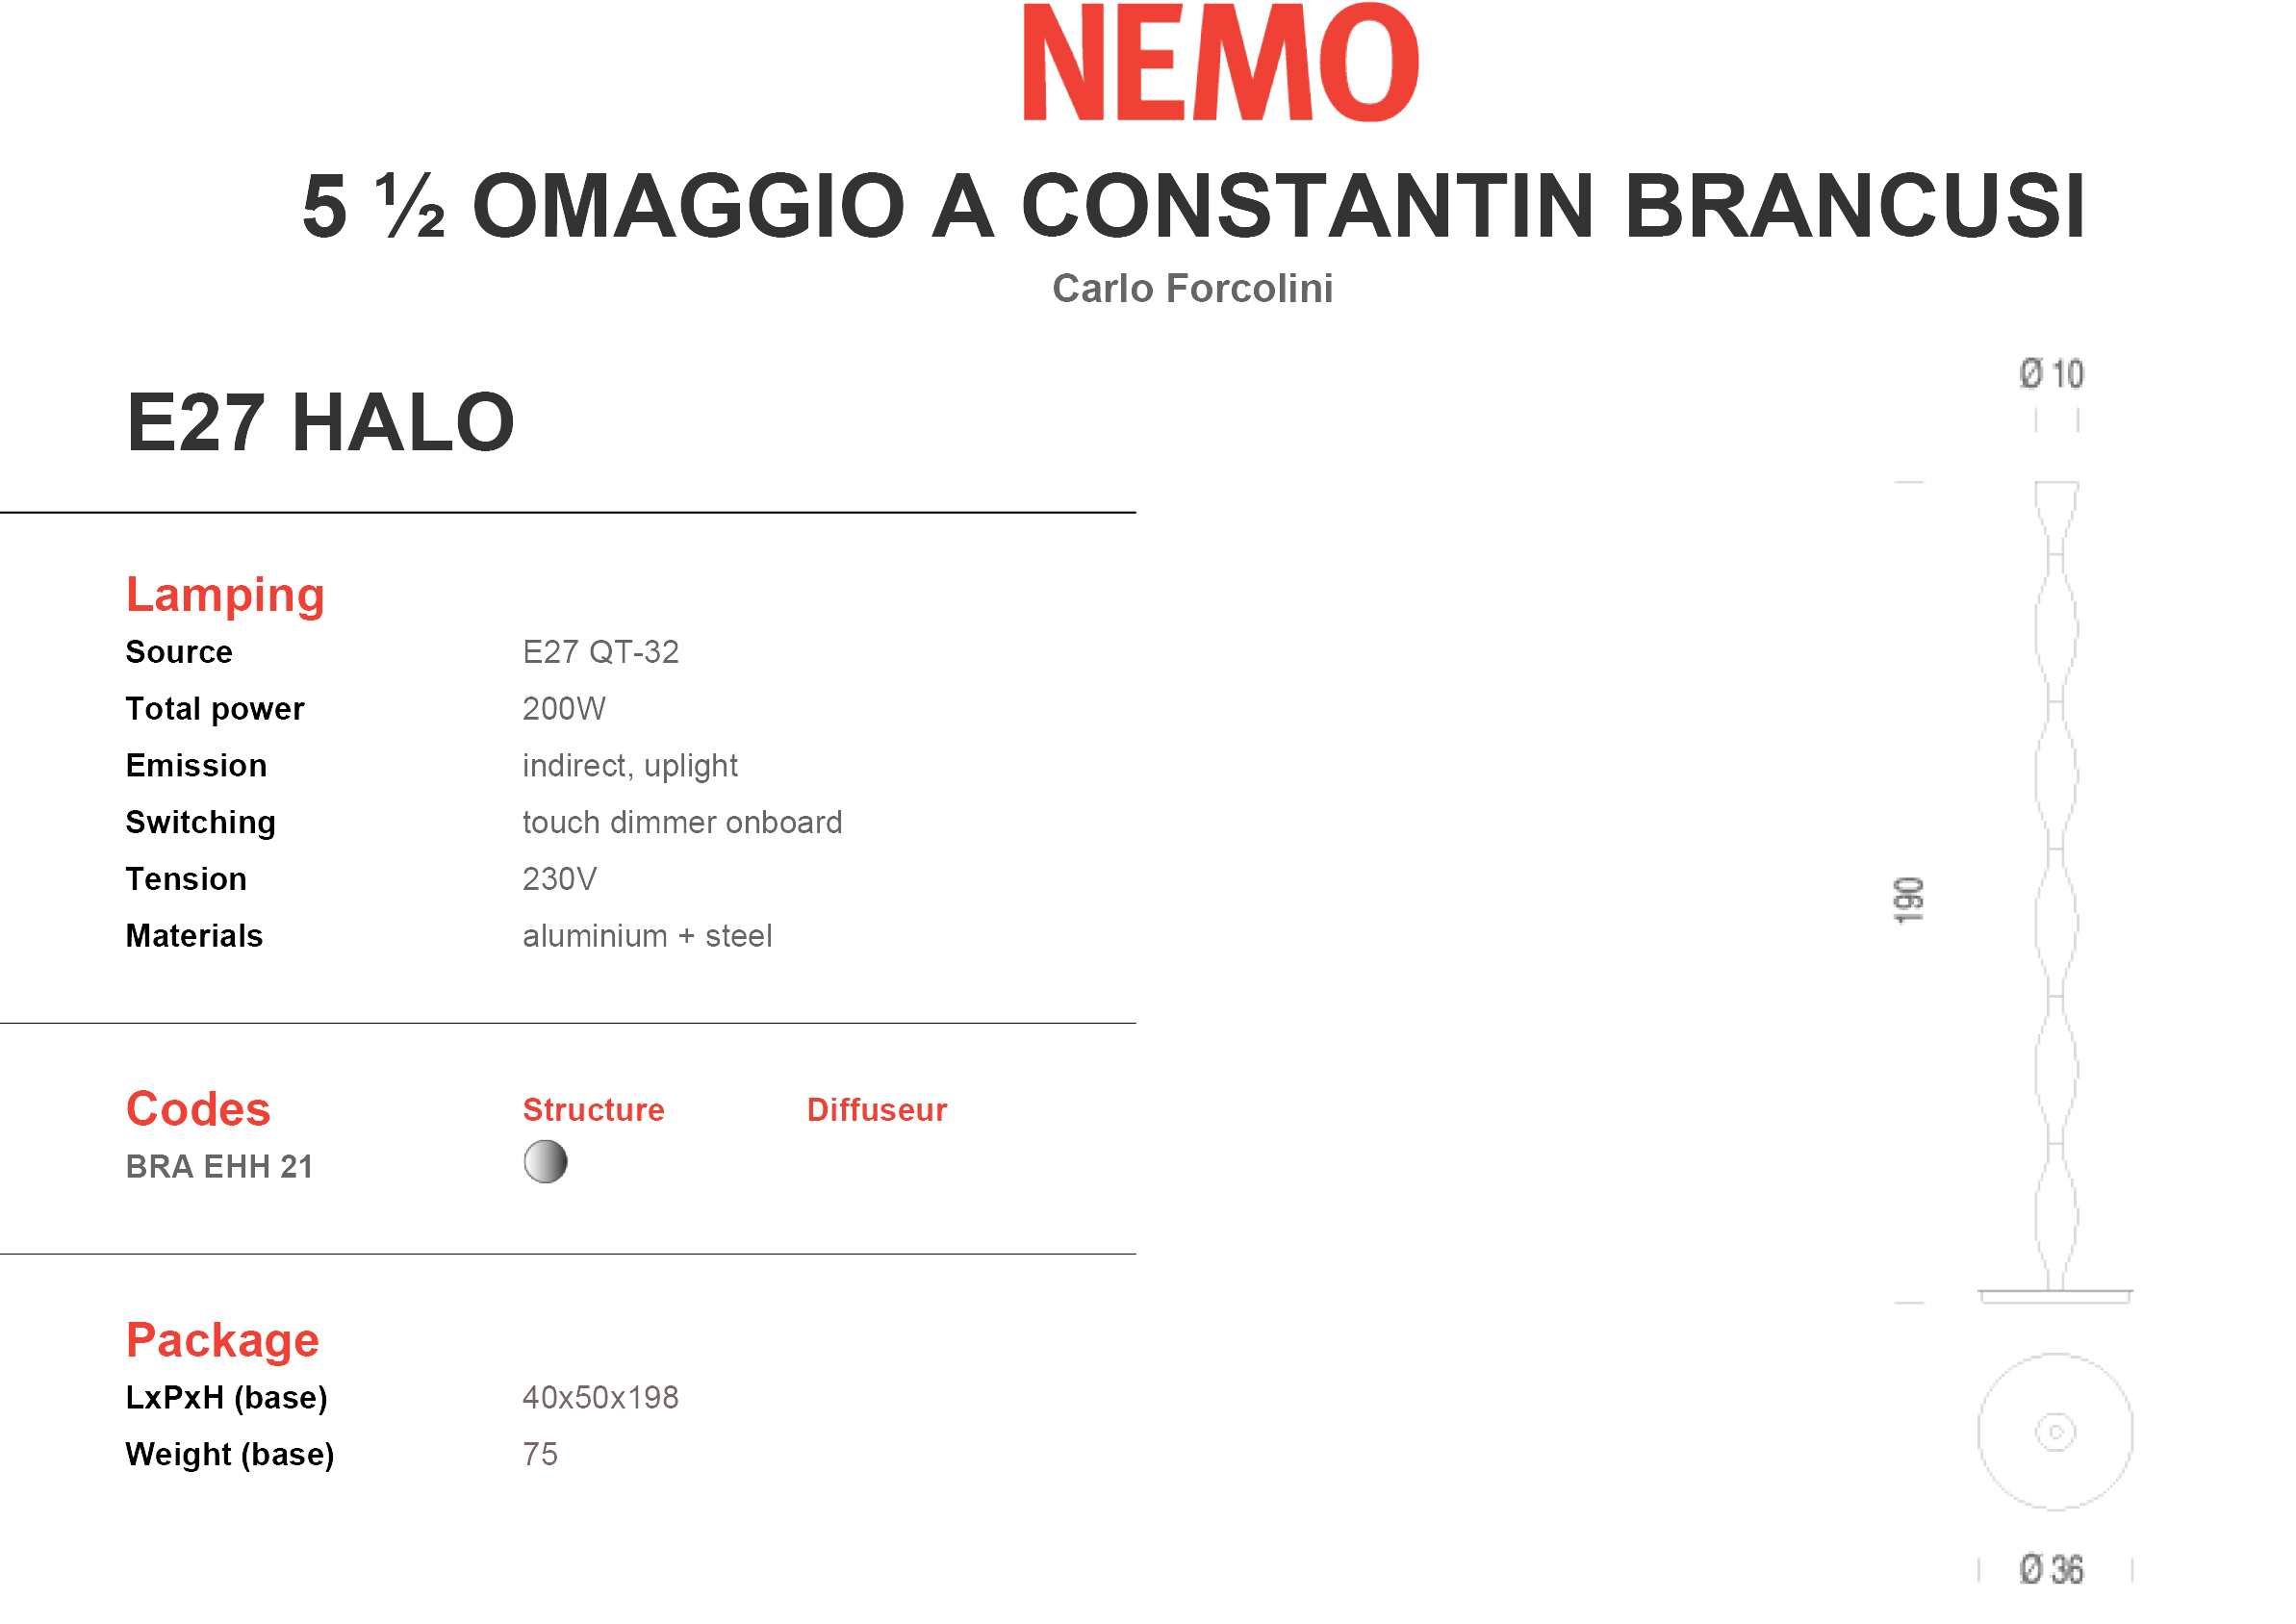 Nemo 5 1/2 Omaggio a Constantin Brancusi Tech